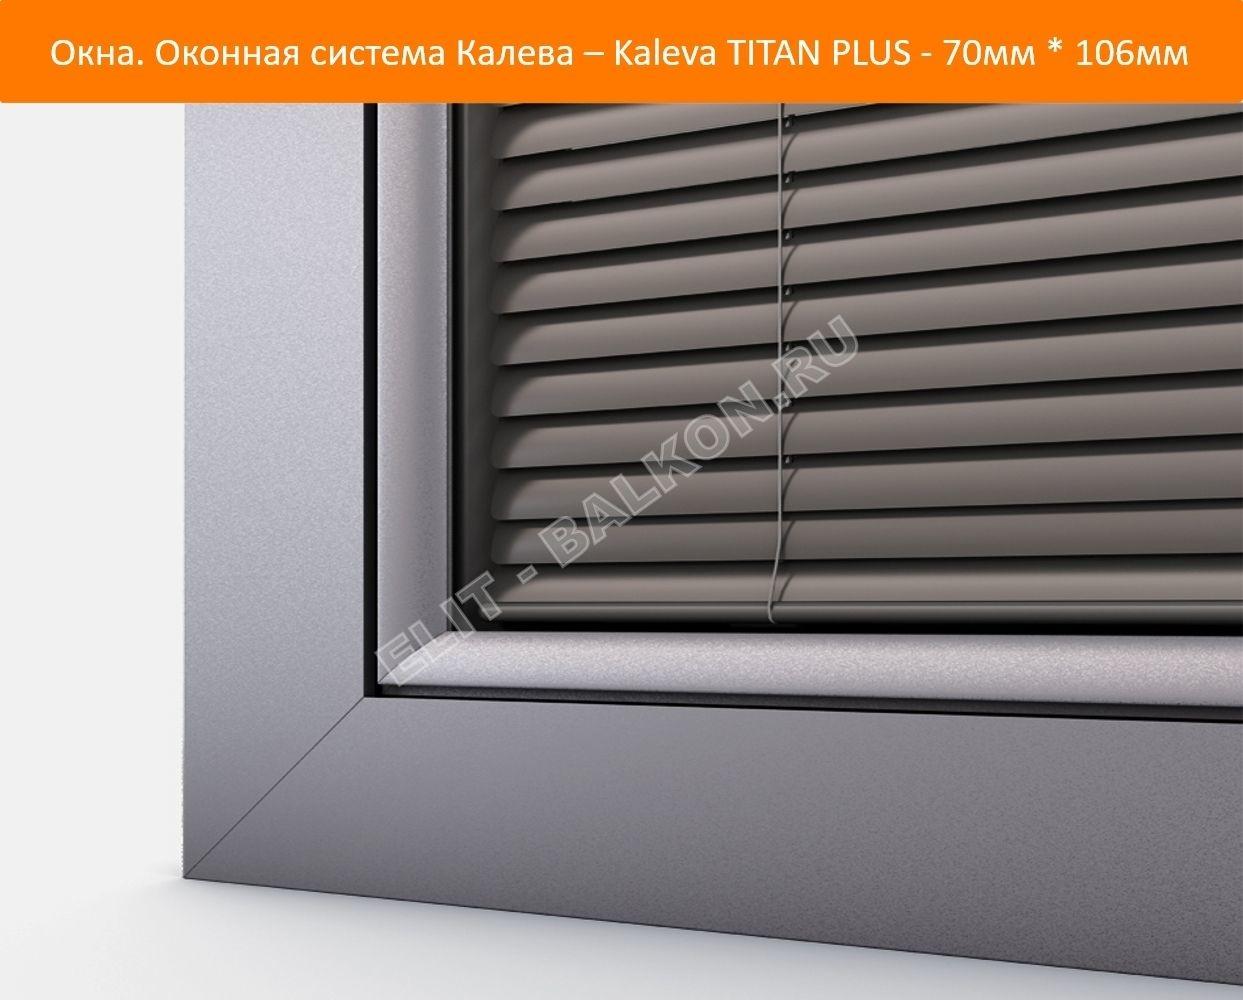 TITAN PLUS – окно с характером